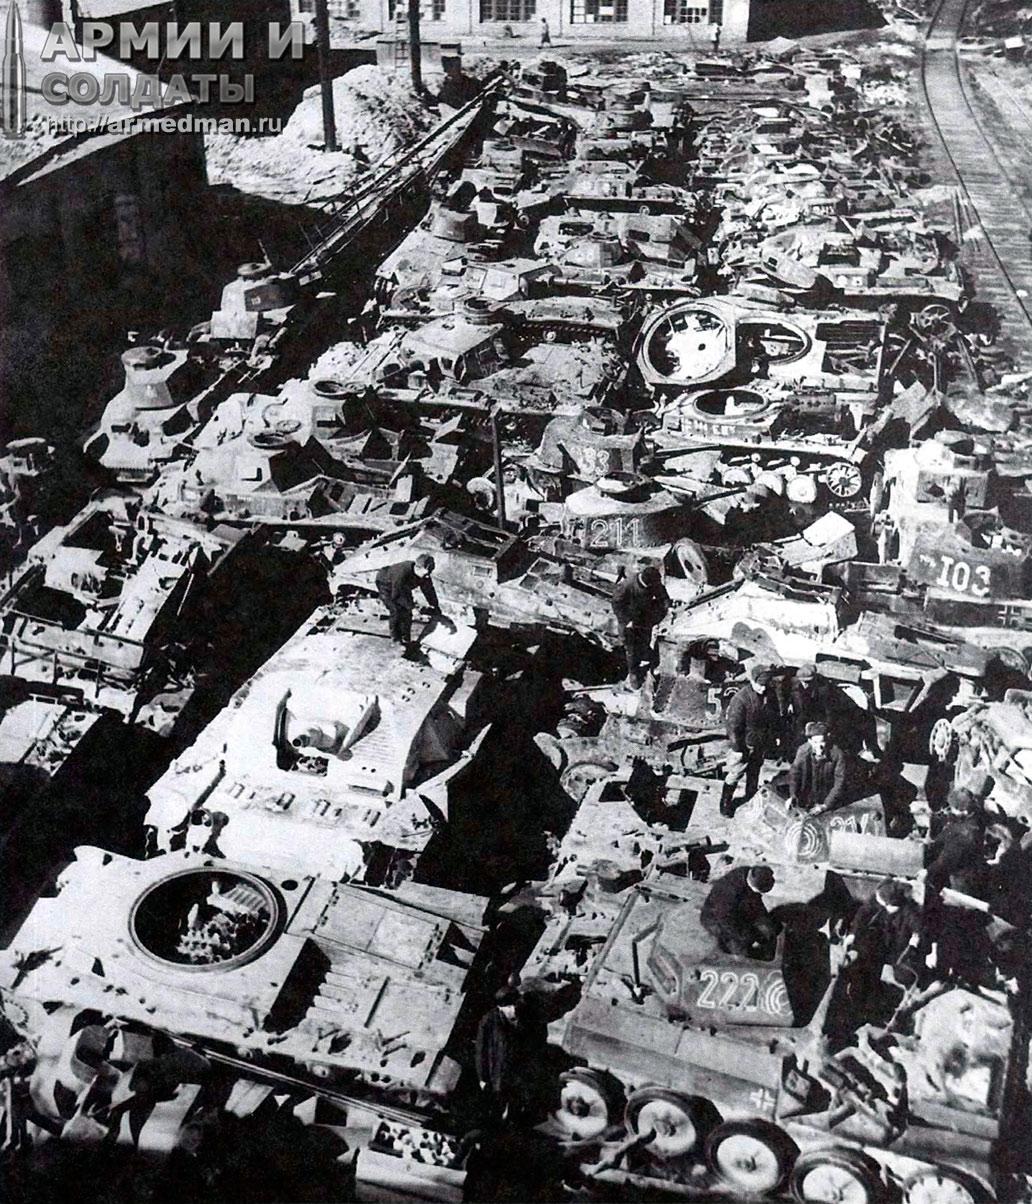 ремонтная-база-82,-трофейная-немецкая-техника-предназначенная-для-ремонта,-апрель-1942